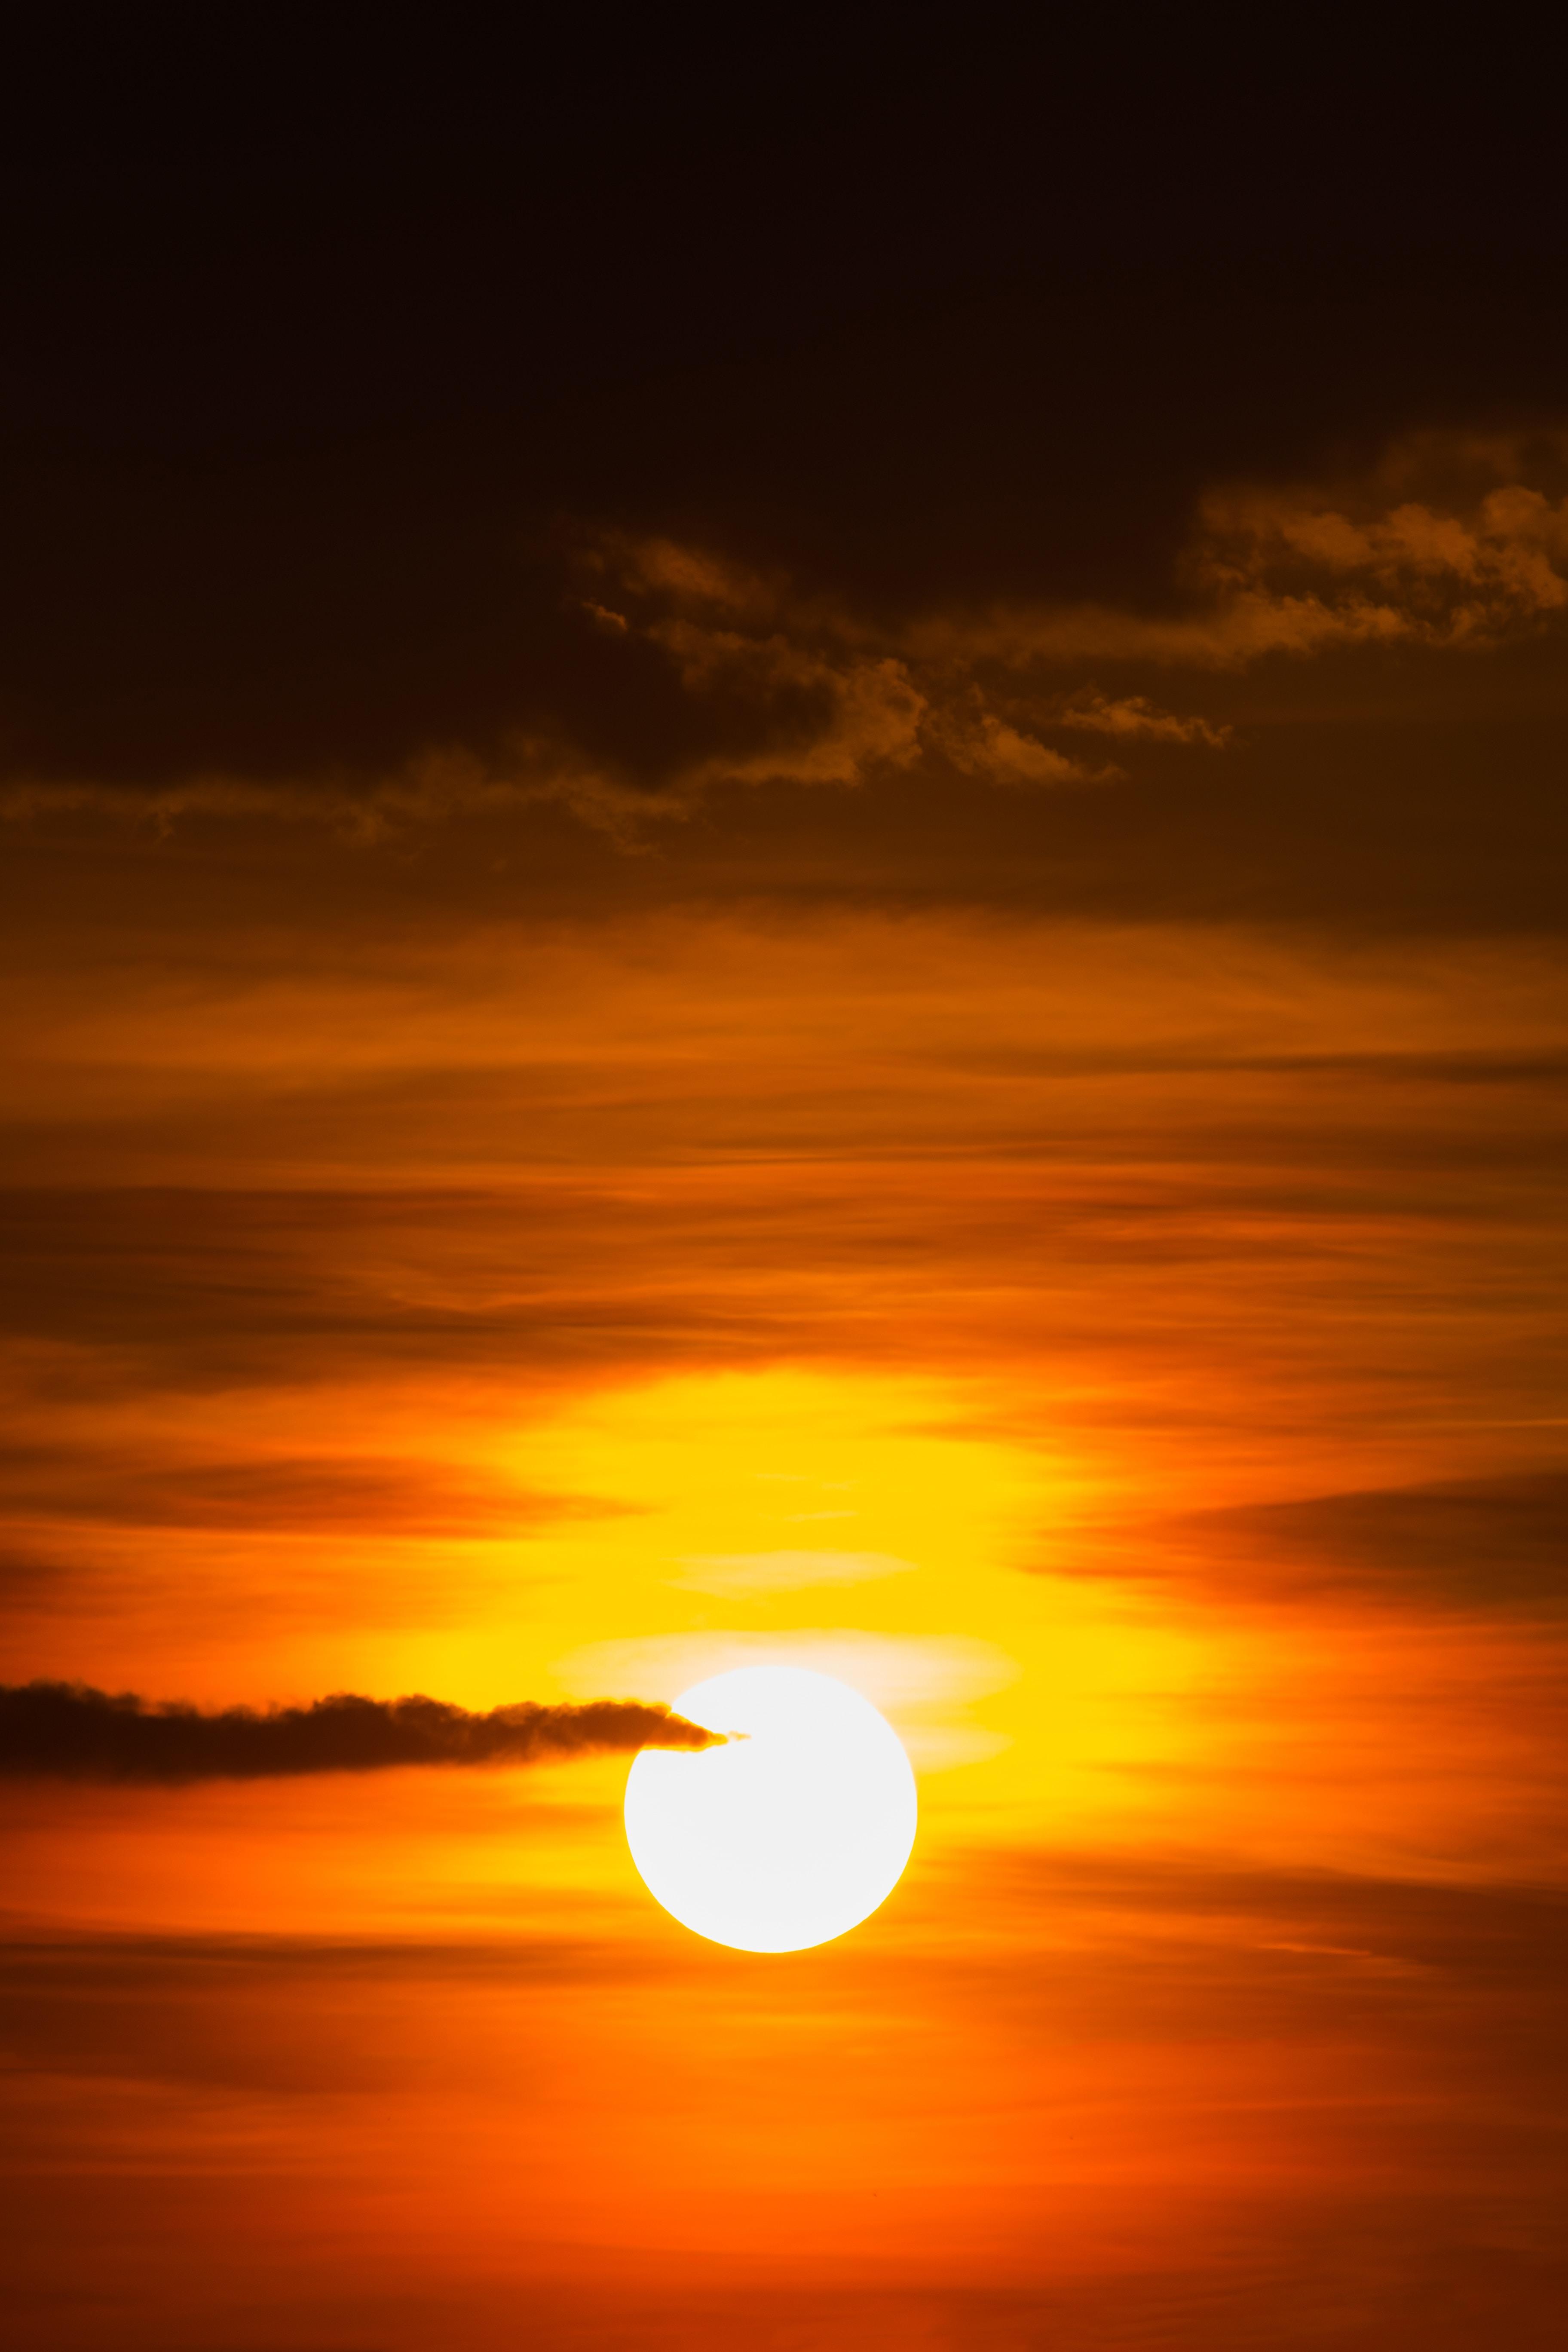 sunset under grey clouds